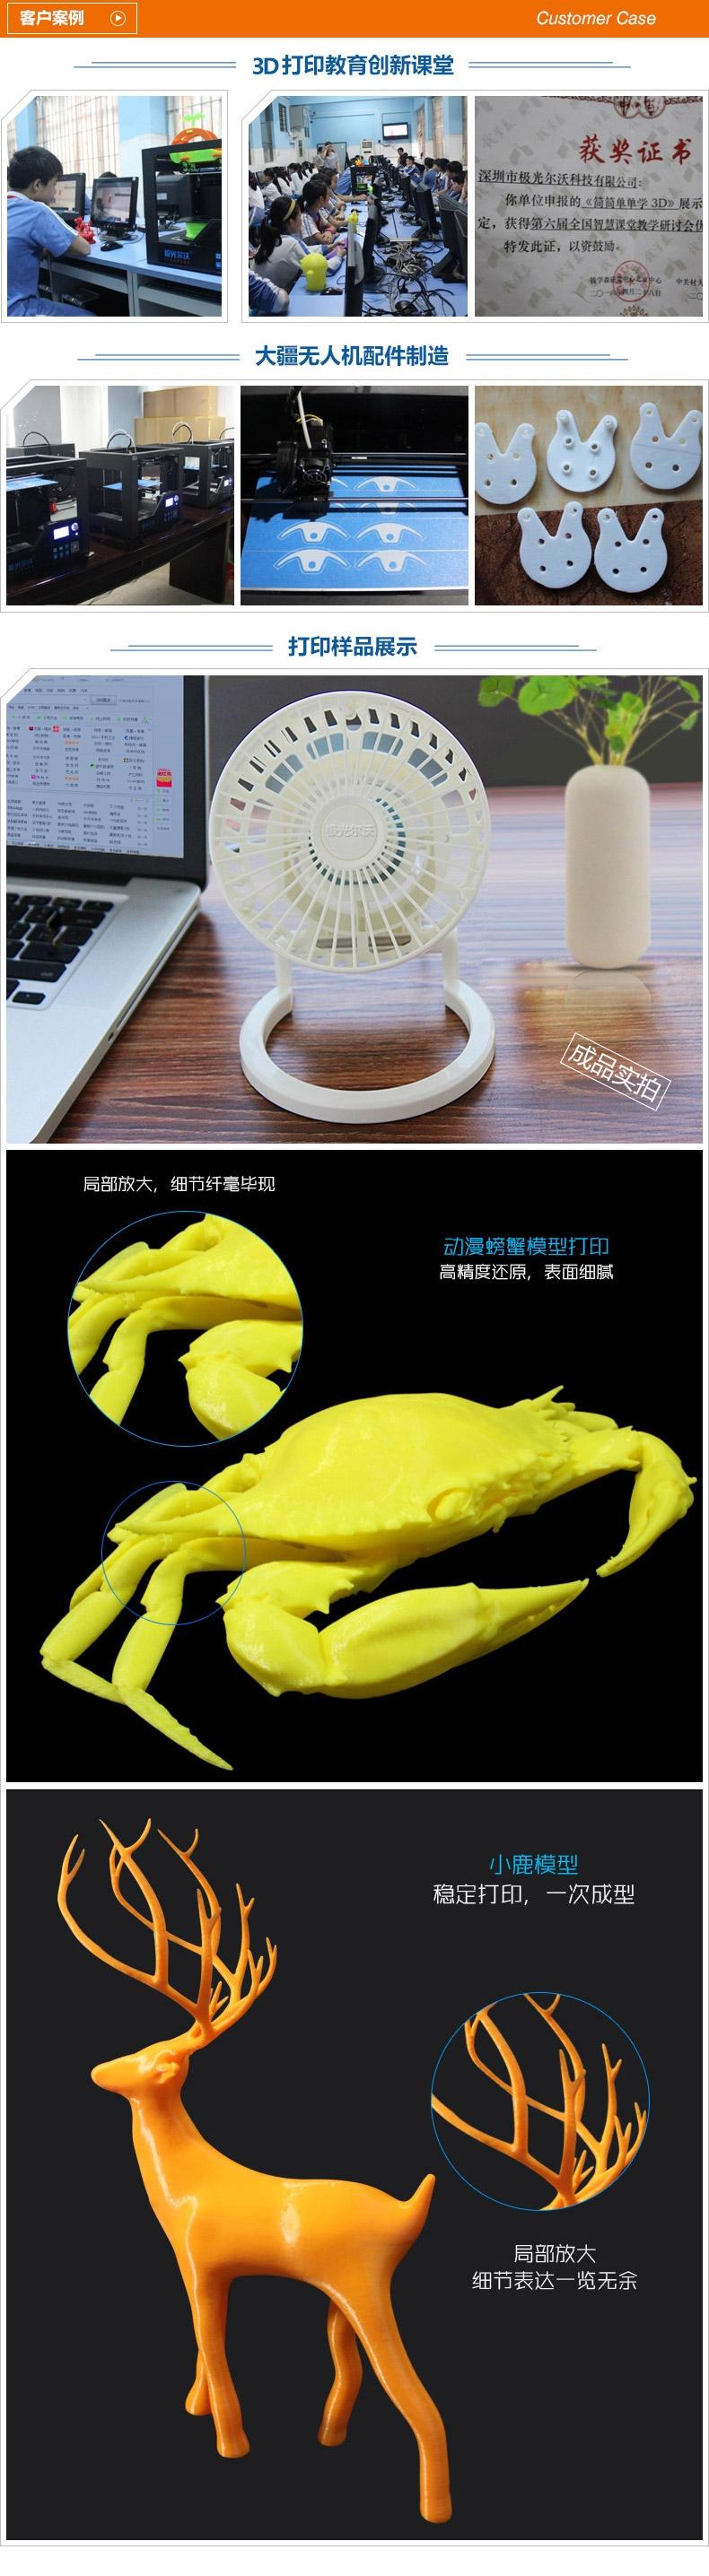 3D打印机厂家的客户案例